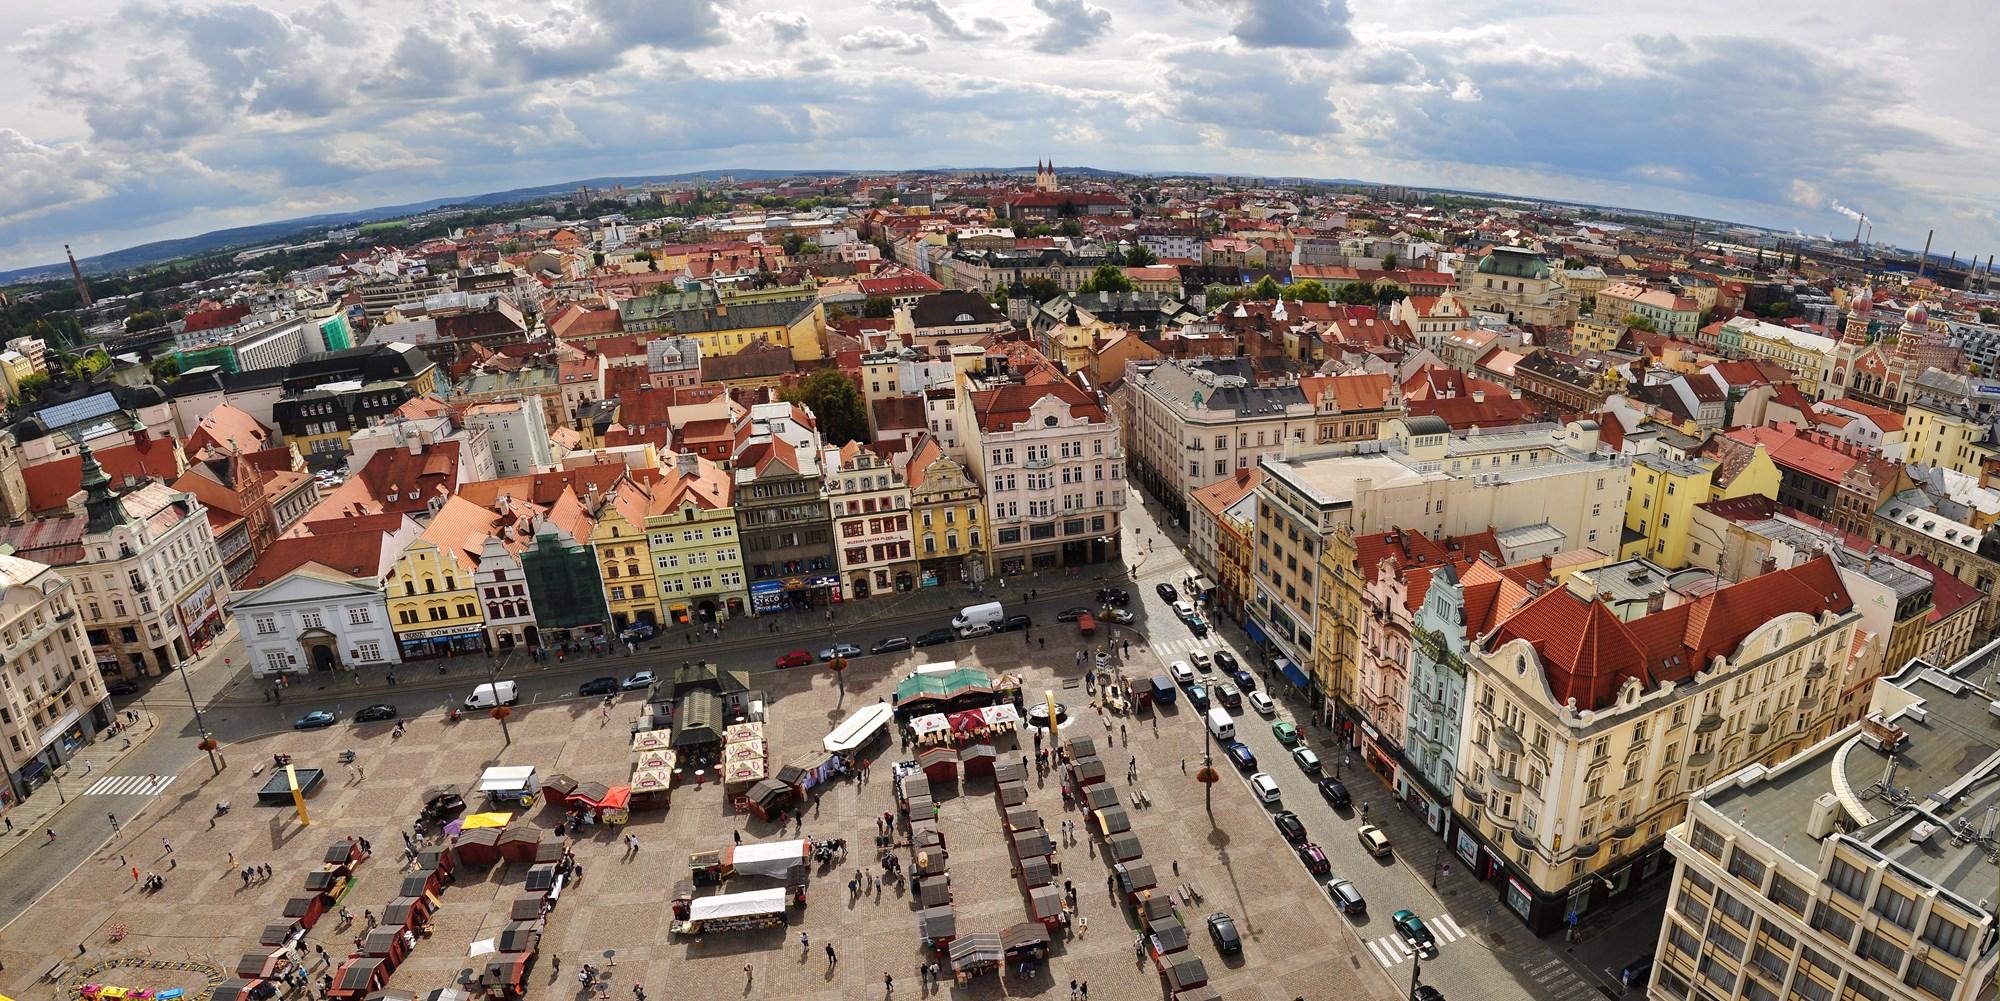 Pilzno, panorama z katedry Św. Bartłomieja. Fot. Ladislav Renner